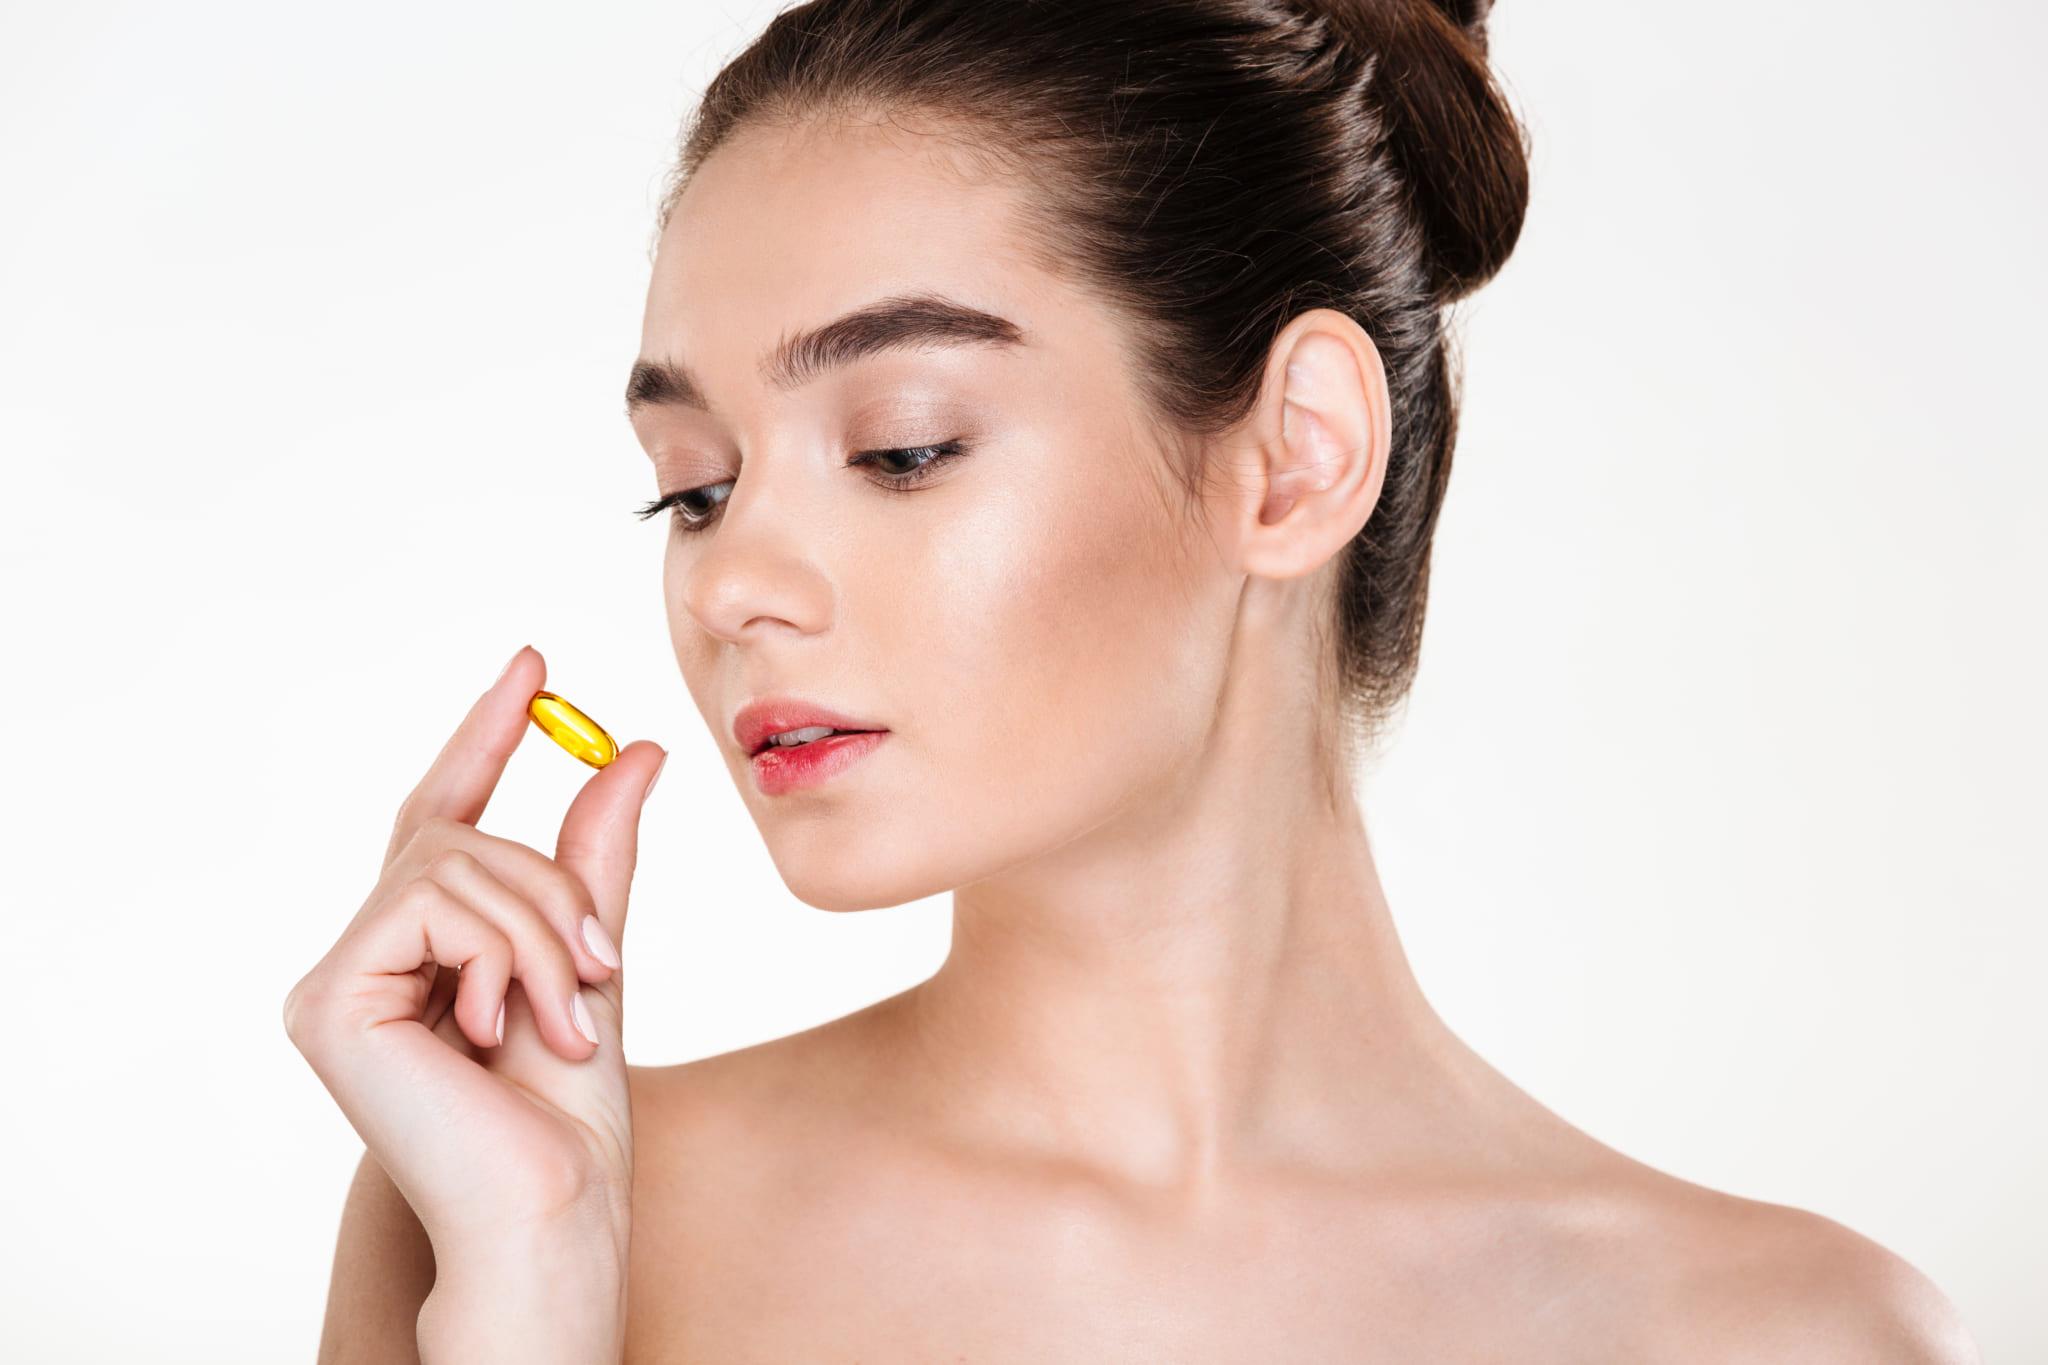 Bổ sung vitamin A cho da thông qua các sản phẩm viên uống cần đọc kỹ hướng dẫn sử dụng